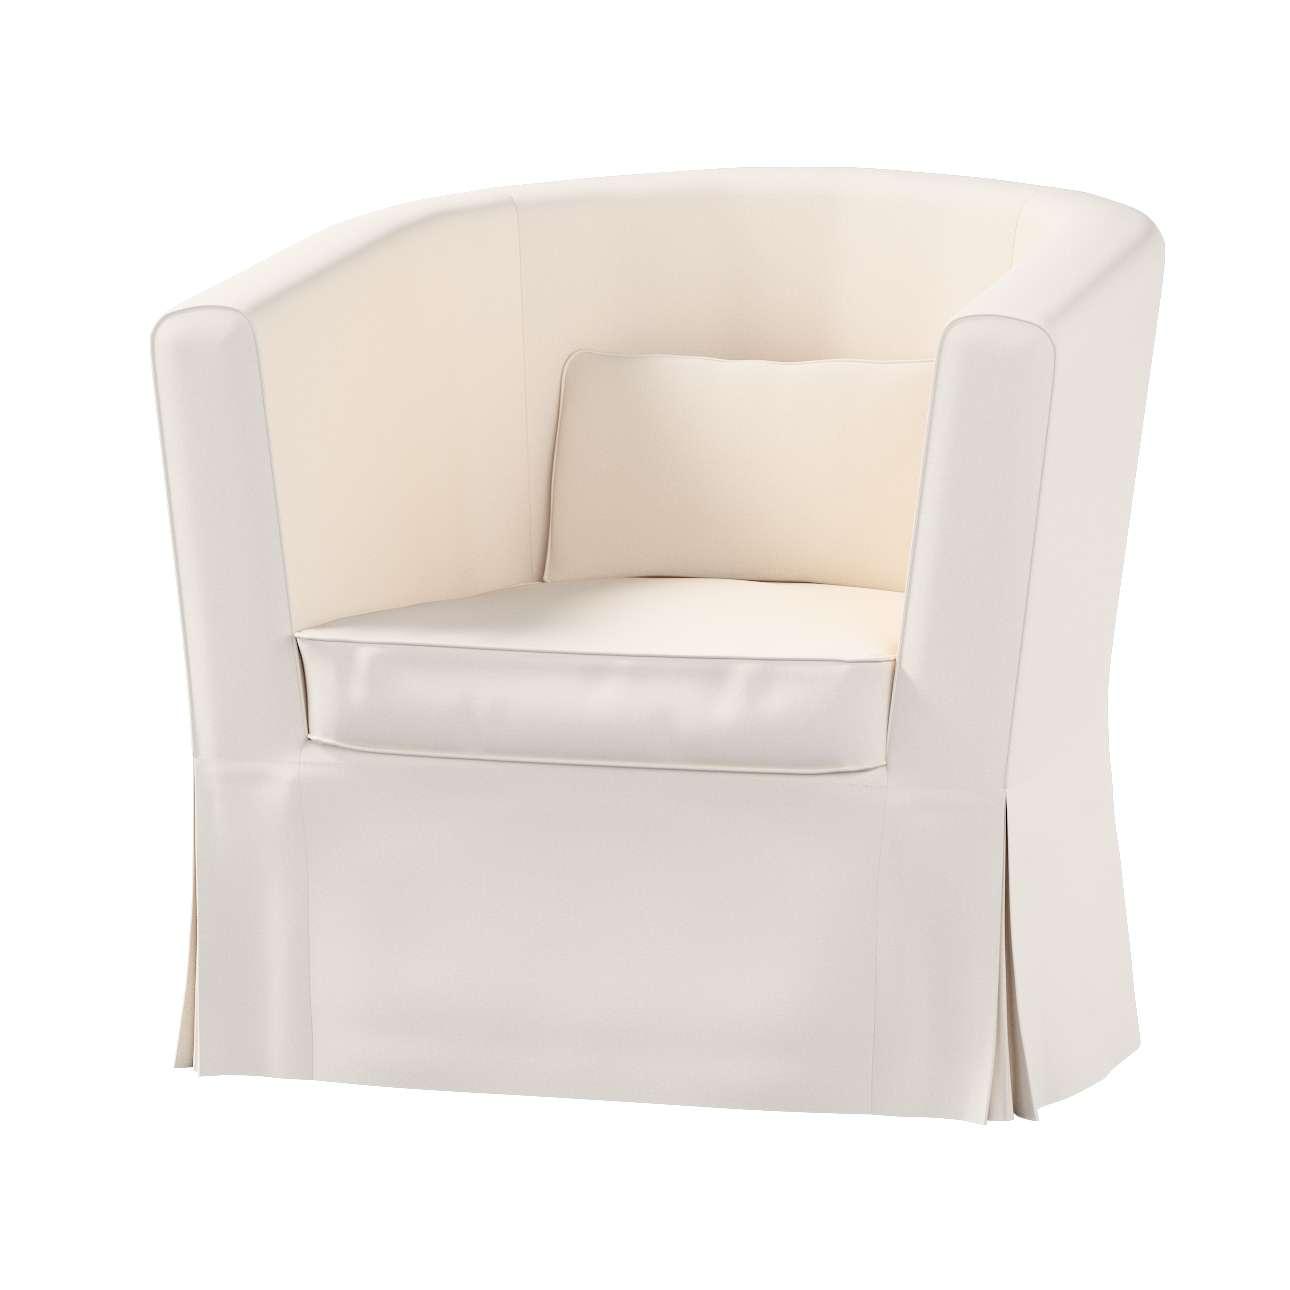 Pokrowiec na fotel Ektorp Tullsta w kolekcji Etna , tkanina: 705-01